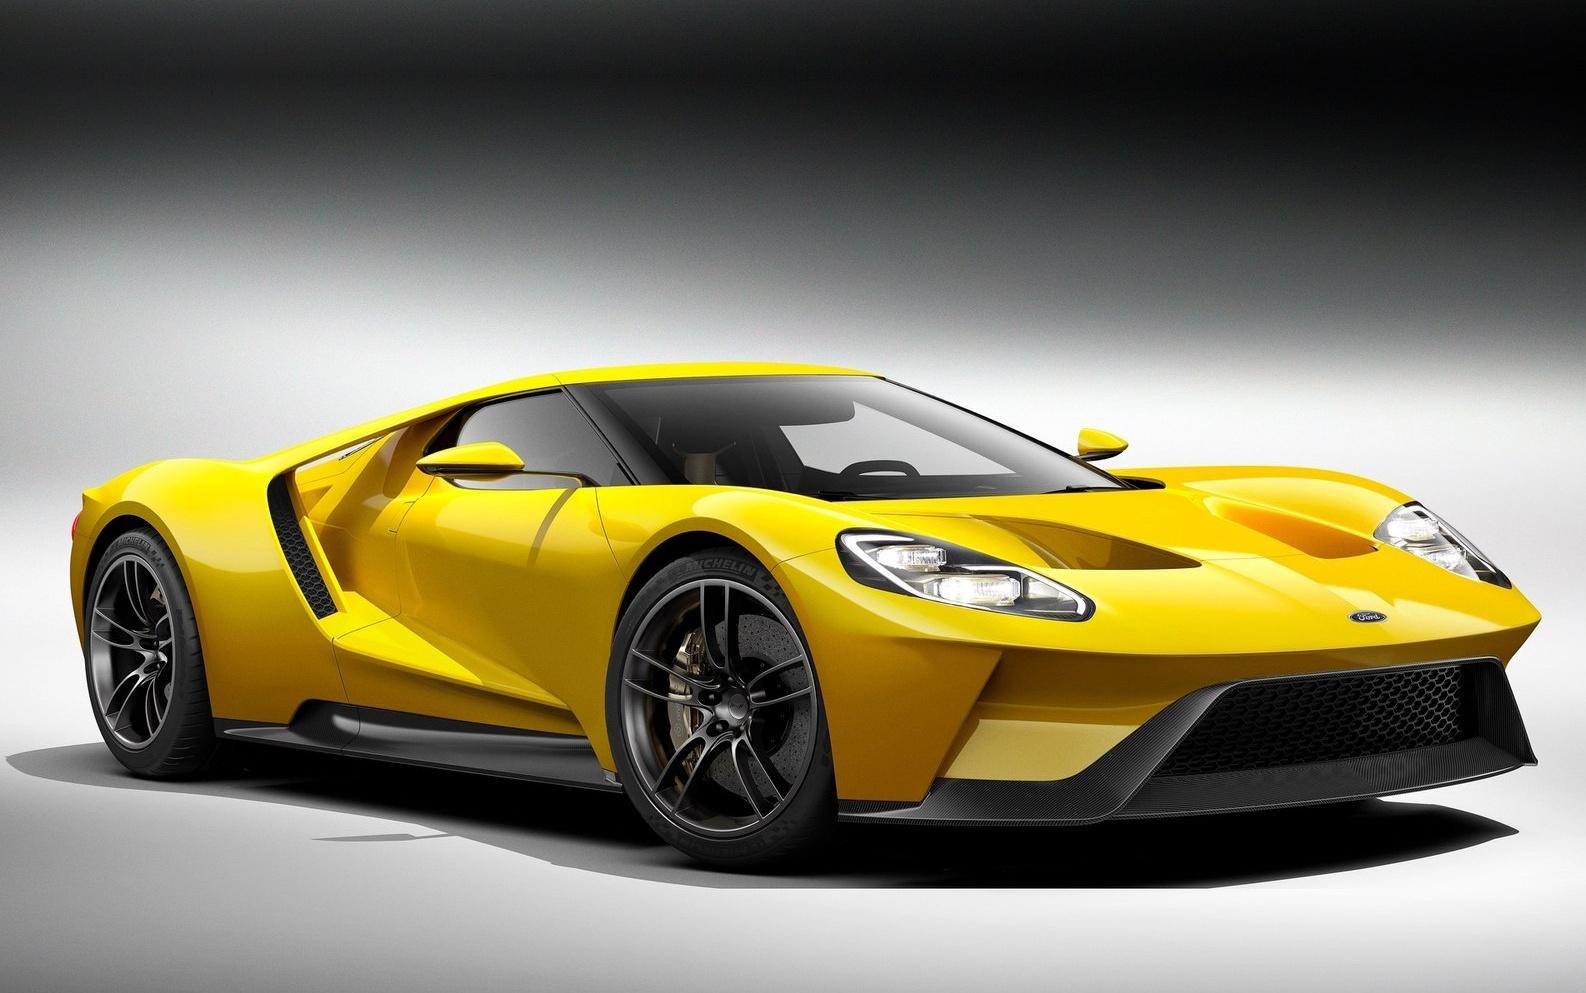 2017 Ford GT supersport